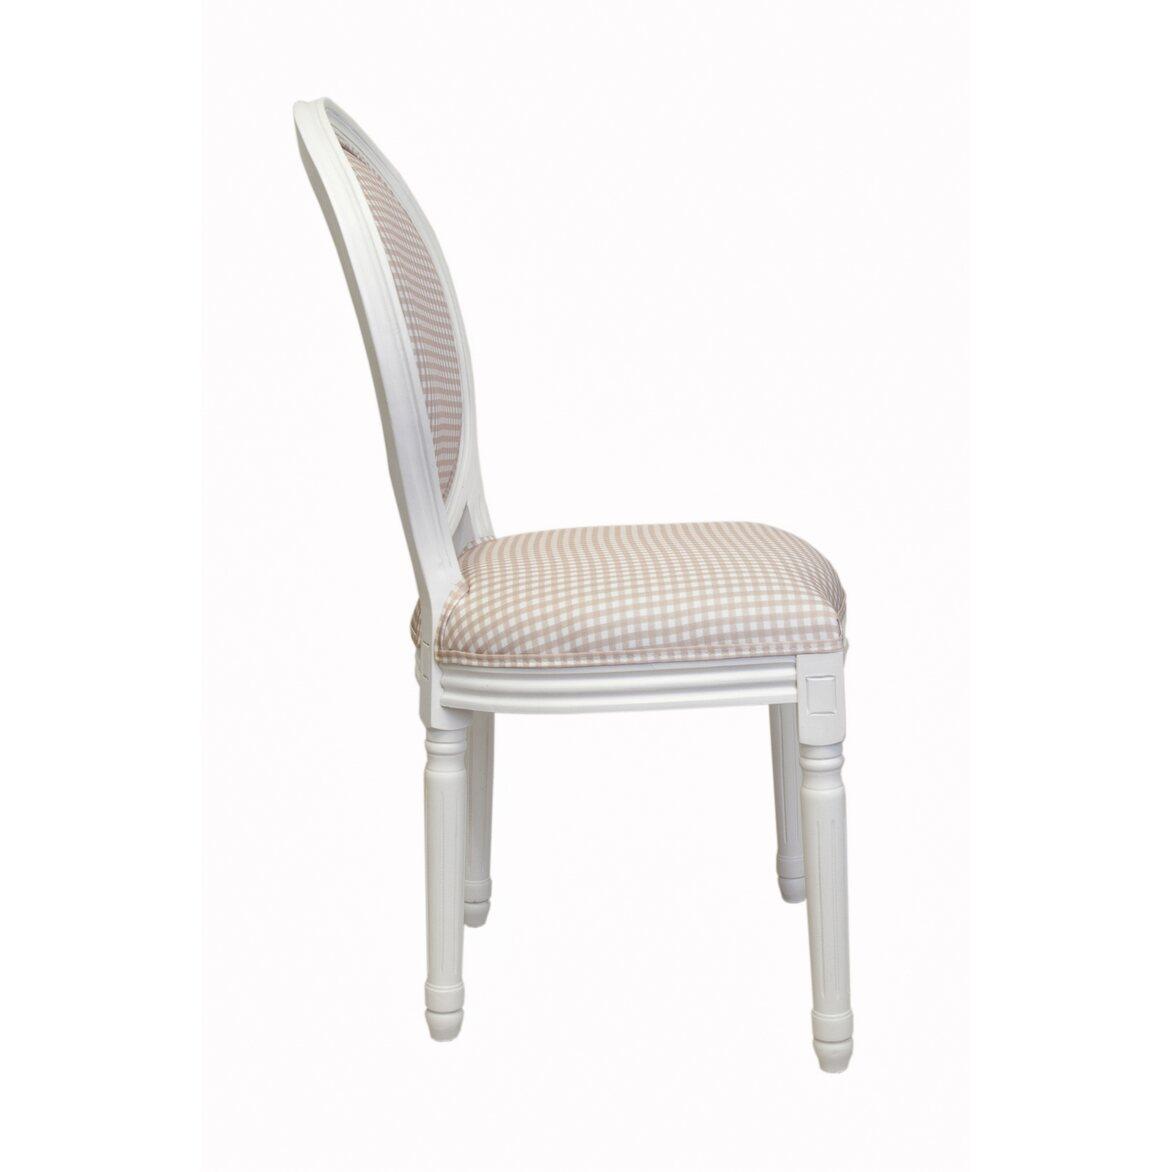 Стул Volker classik check 2 | Обеденные стулья Kingsby